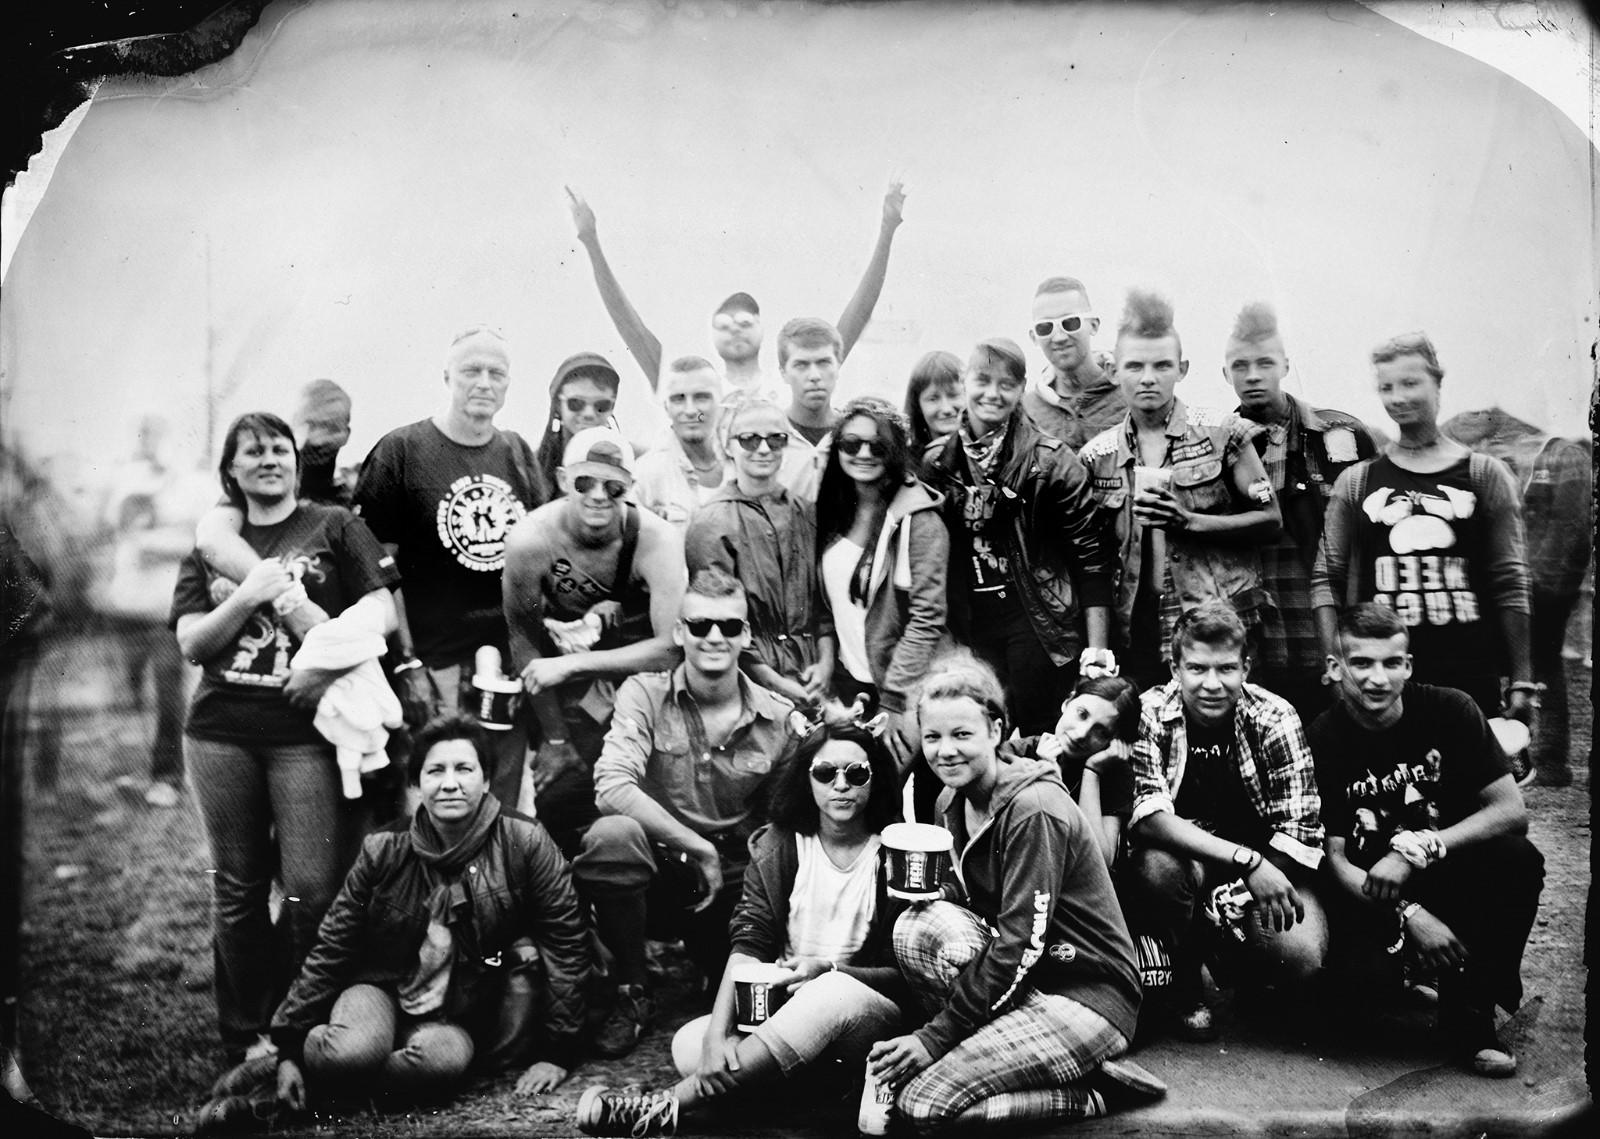 Przystanek Woodstock 2015 - Mokry Kolodion - Street Collodion Art (3)